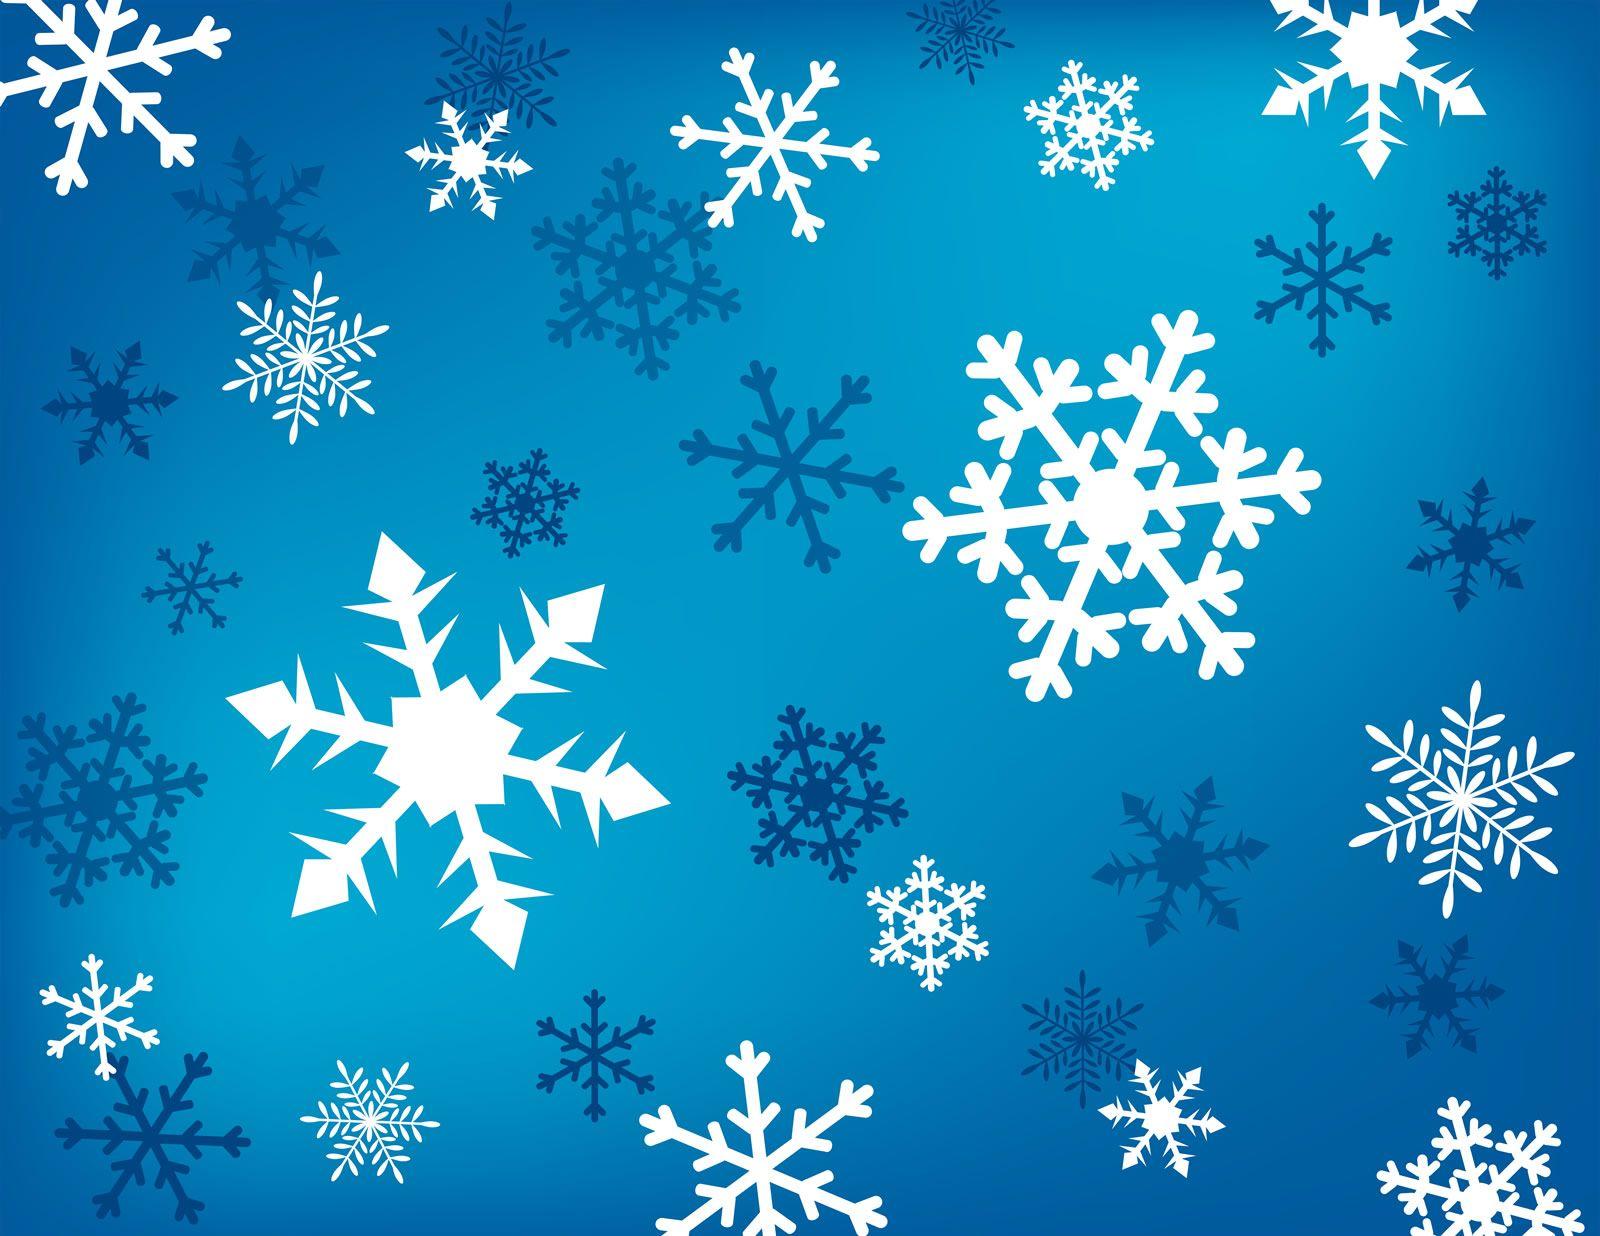 Fondos Verdes De Navidad Para Pantalla Hd 2 Hd Wallpapers: Fondos Navideños Azules Y Blancos Descargar En Hd Gratis